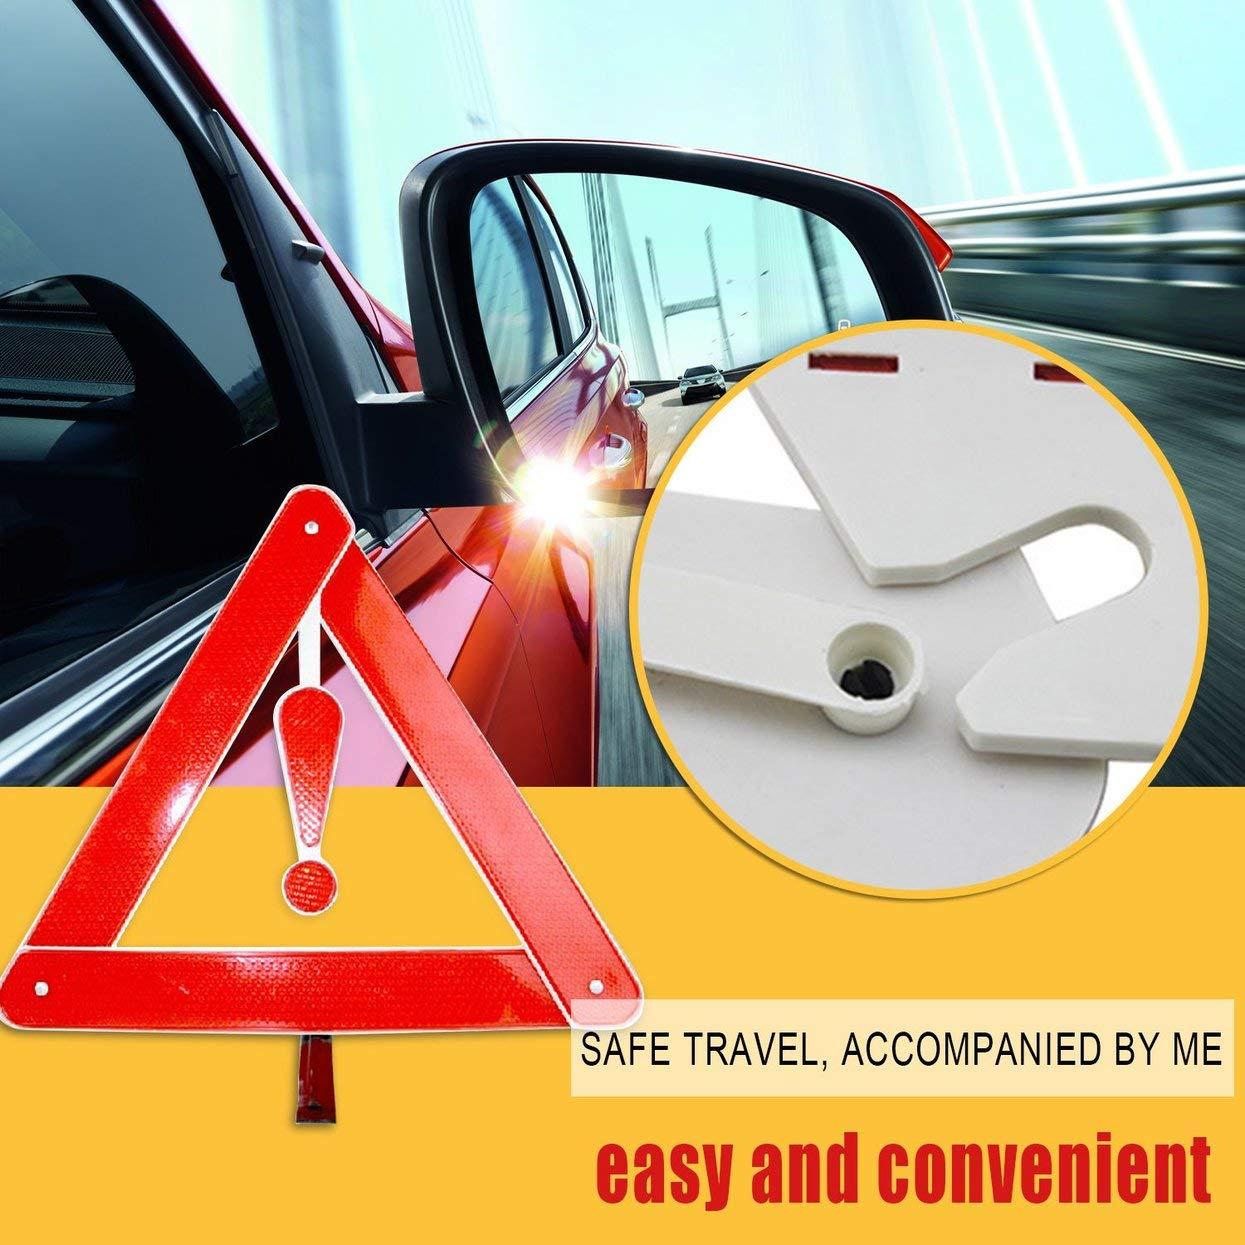 Tellaboull for Automóvil Placa de Advertencia Reflectante Detener Vehículo Peligro Emergencia Trípode Plegable Carretera Estacionamiento Triángulo de ...